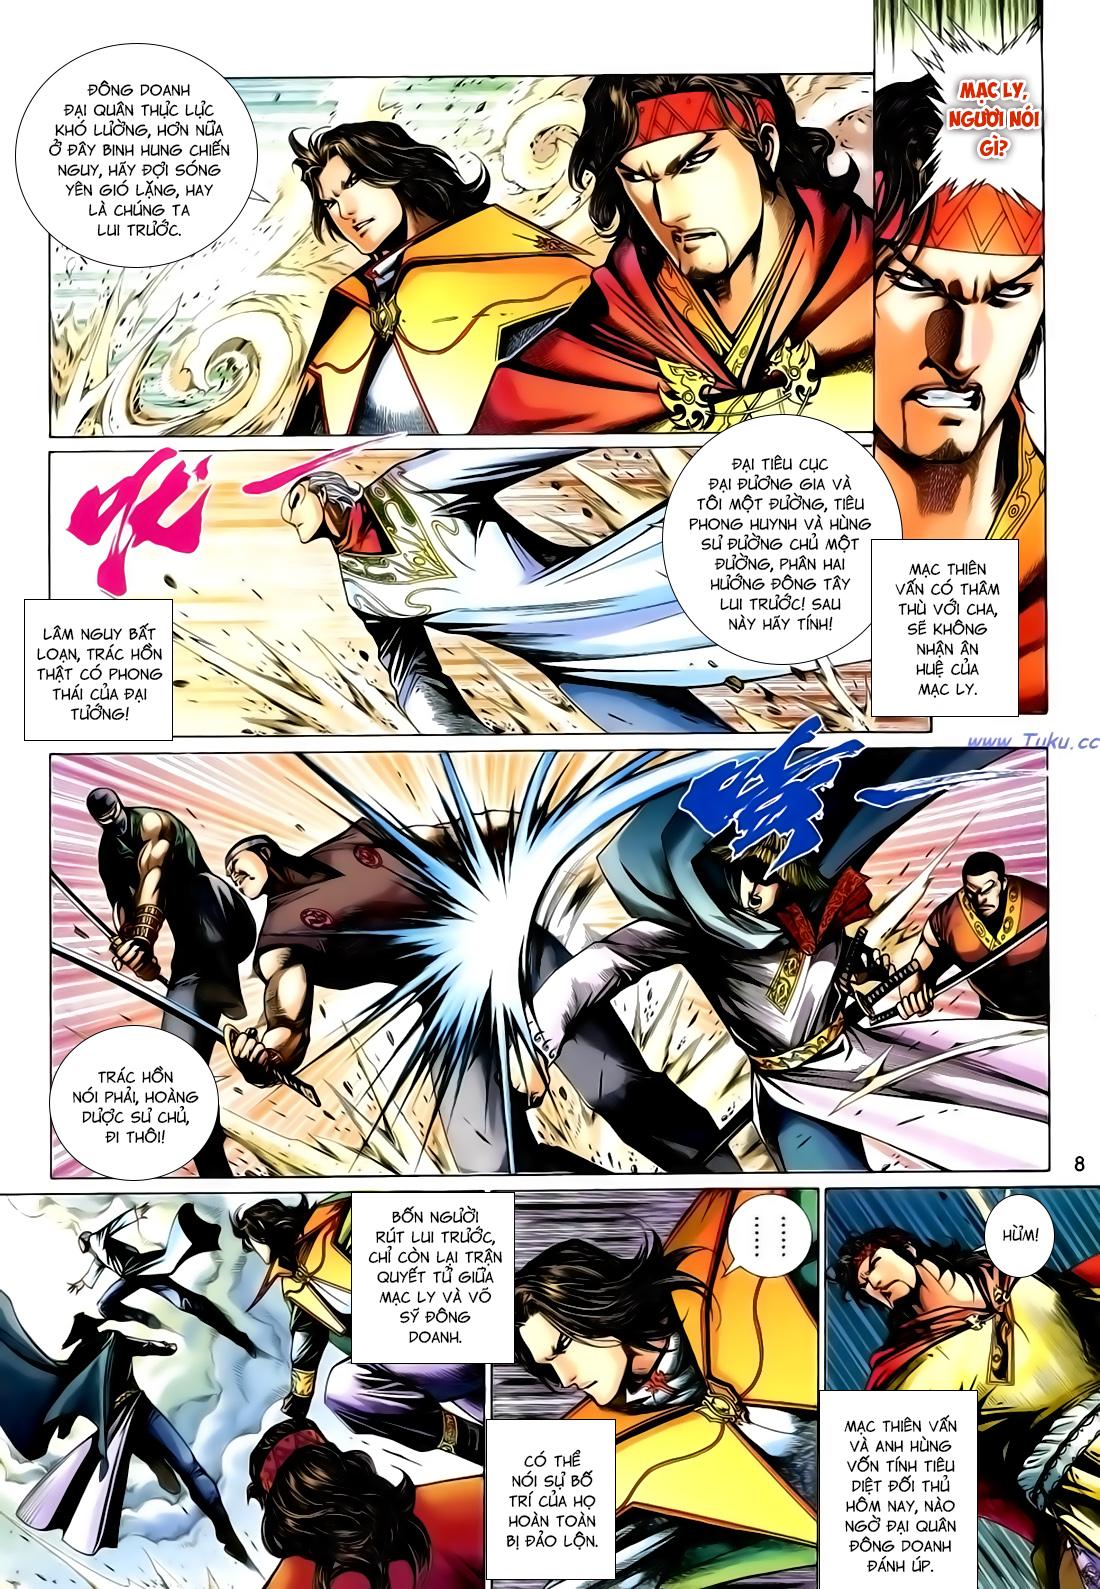 Anh Hùng Vô Lệ Chap 167 - Trang 8